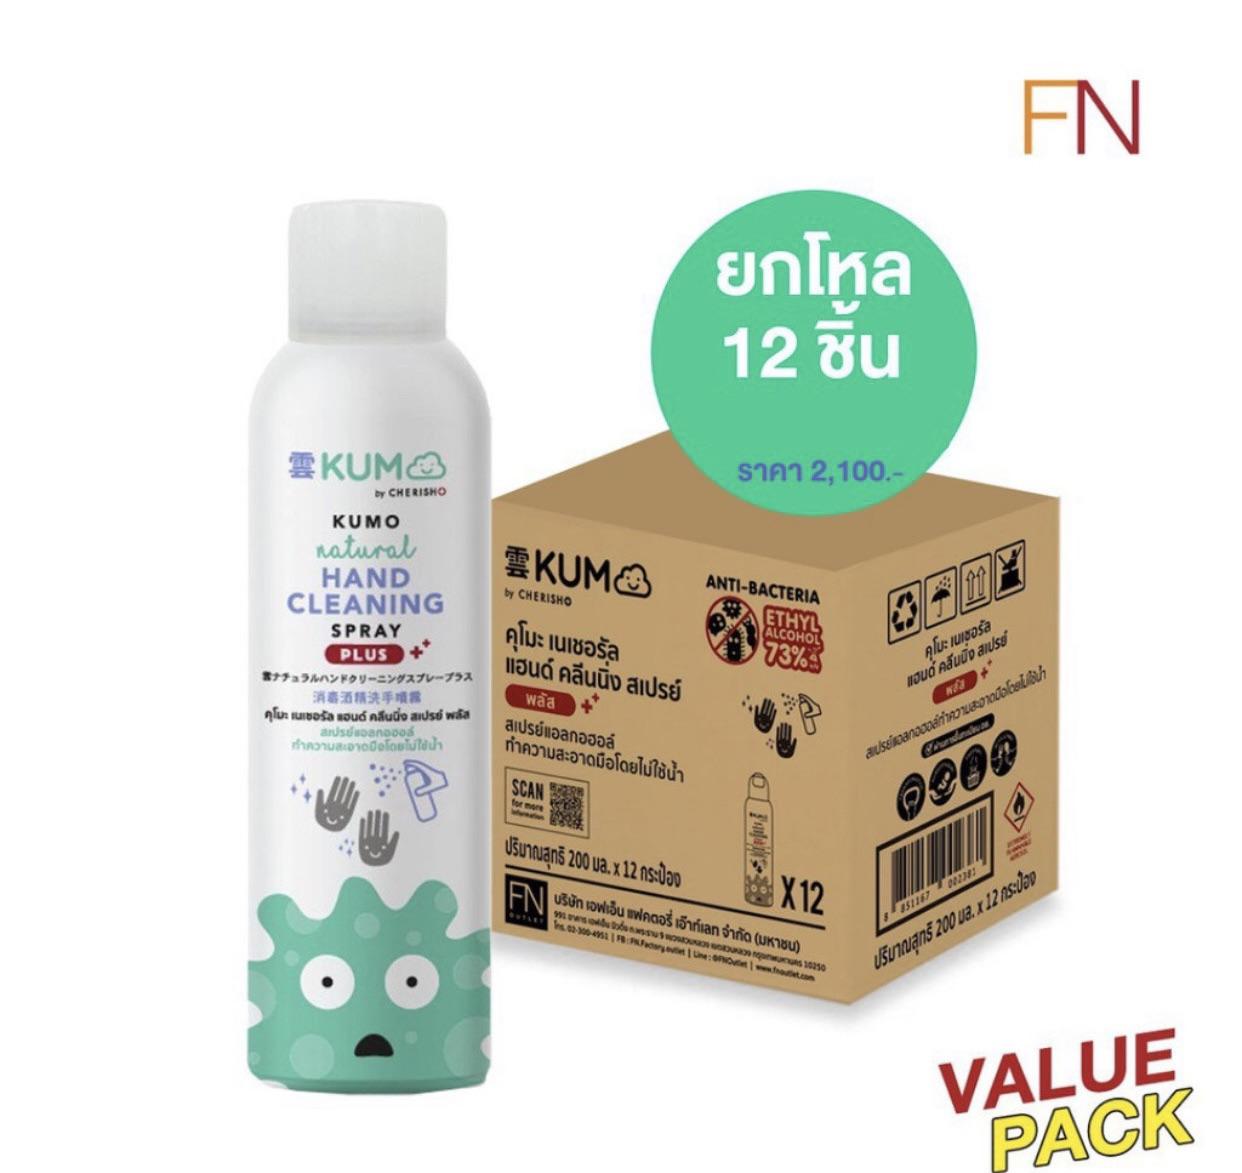 สเปรย์แอลกอฮอล์ 73% ฟู้ดเกรด ขนาด200มล. แบบอัดแก๊ส ผลิตจากแอลกอฮอล์ธรรมชาติ มาตรฐานญี่ปุ่น